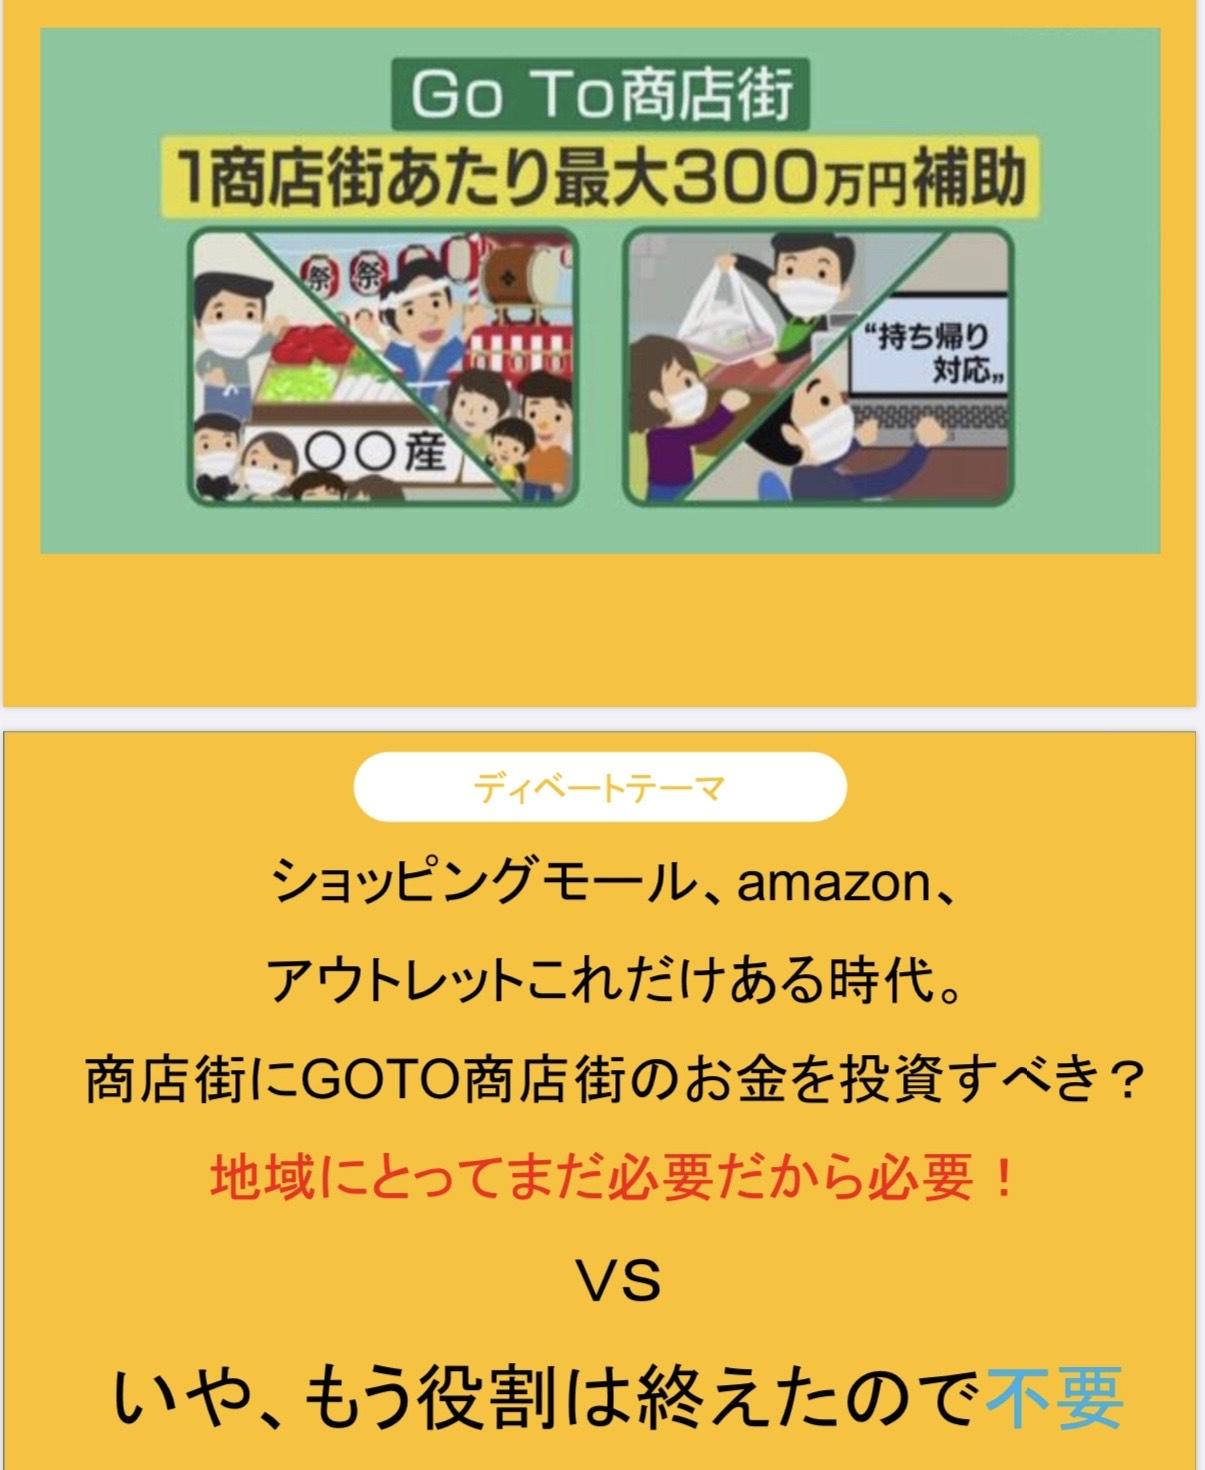 関西大学 社会起業論「GOTO商店街」